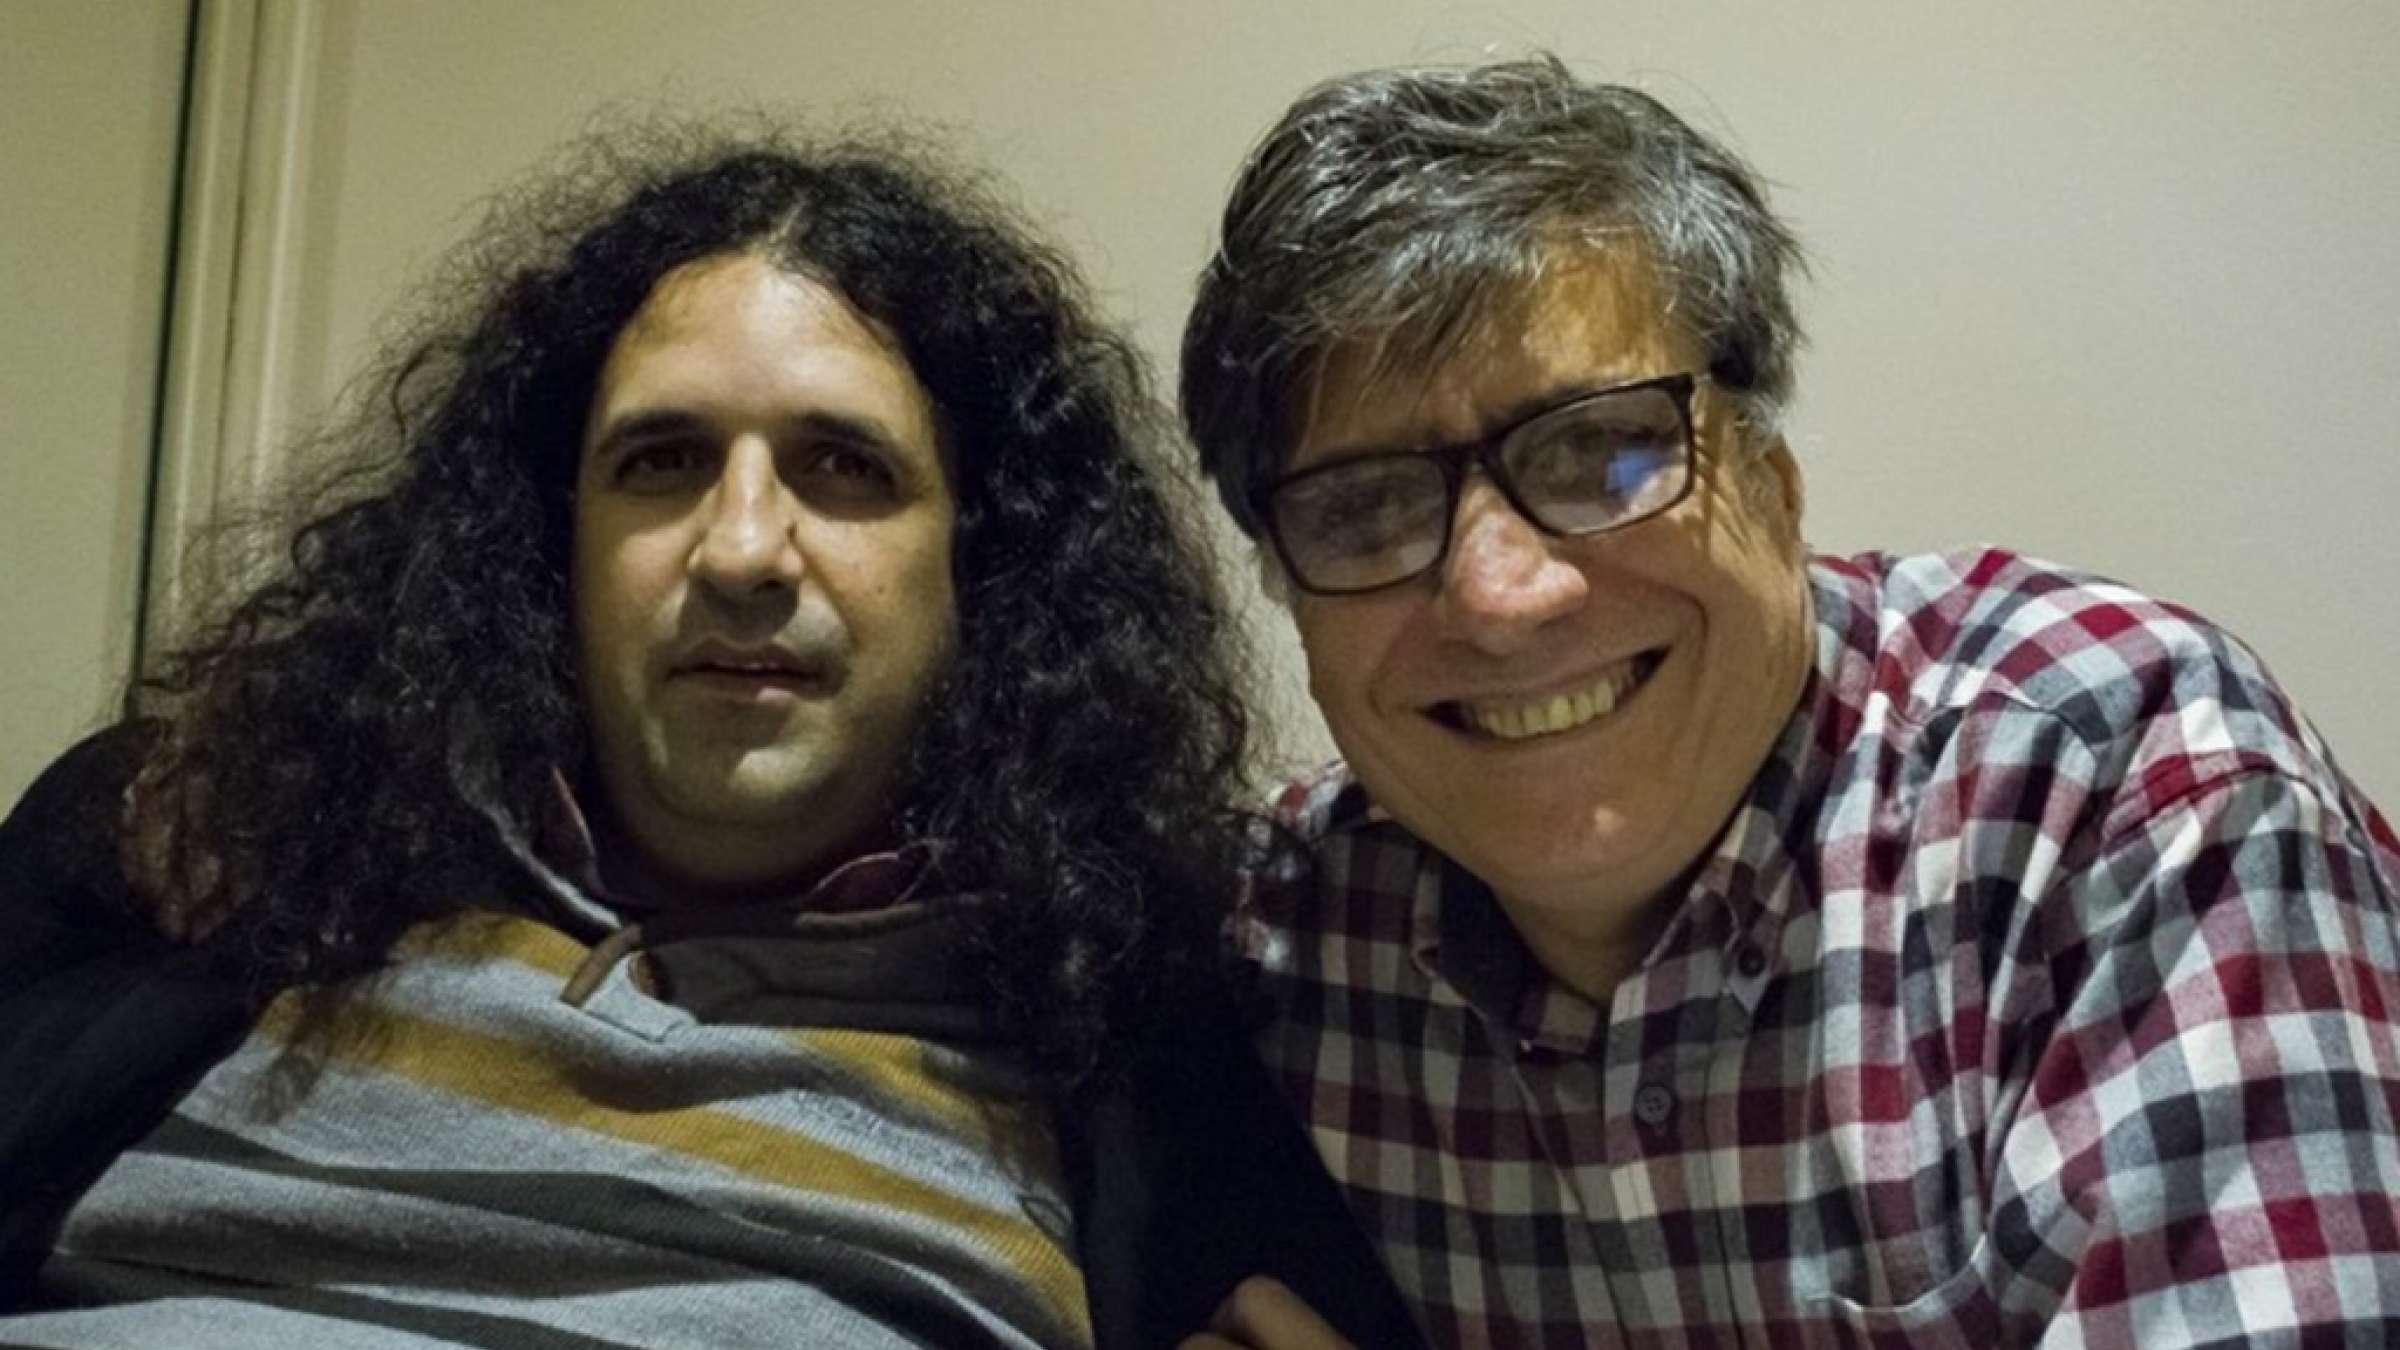 هنری-شیرازی-من-فیلم-پاندول-و-کسانی-که-برایش-عاشقانه-زیستند-کارگردانان